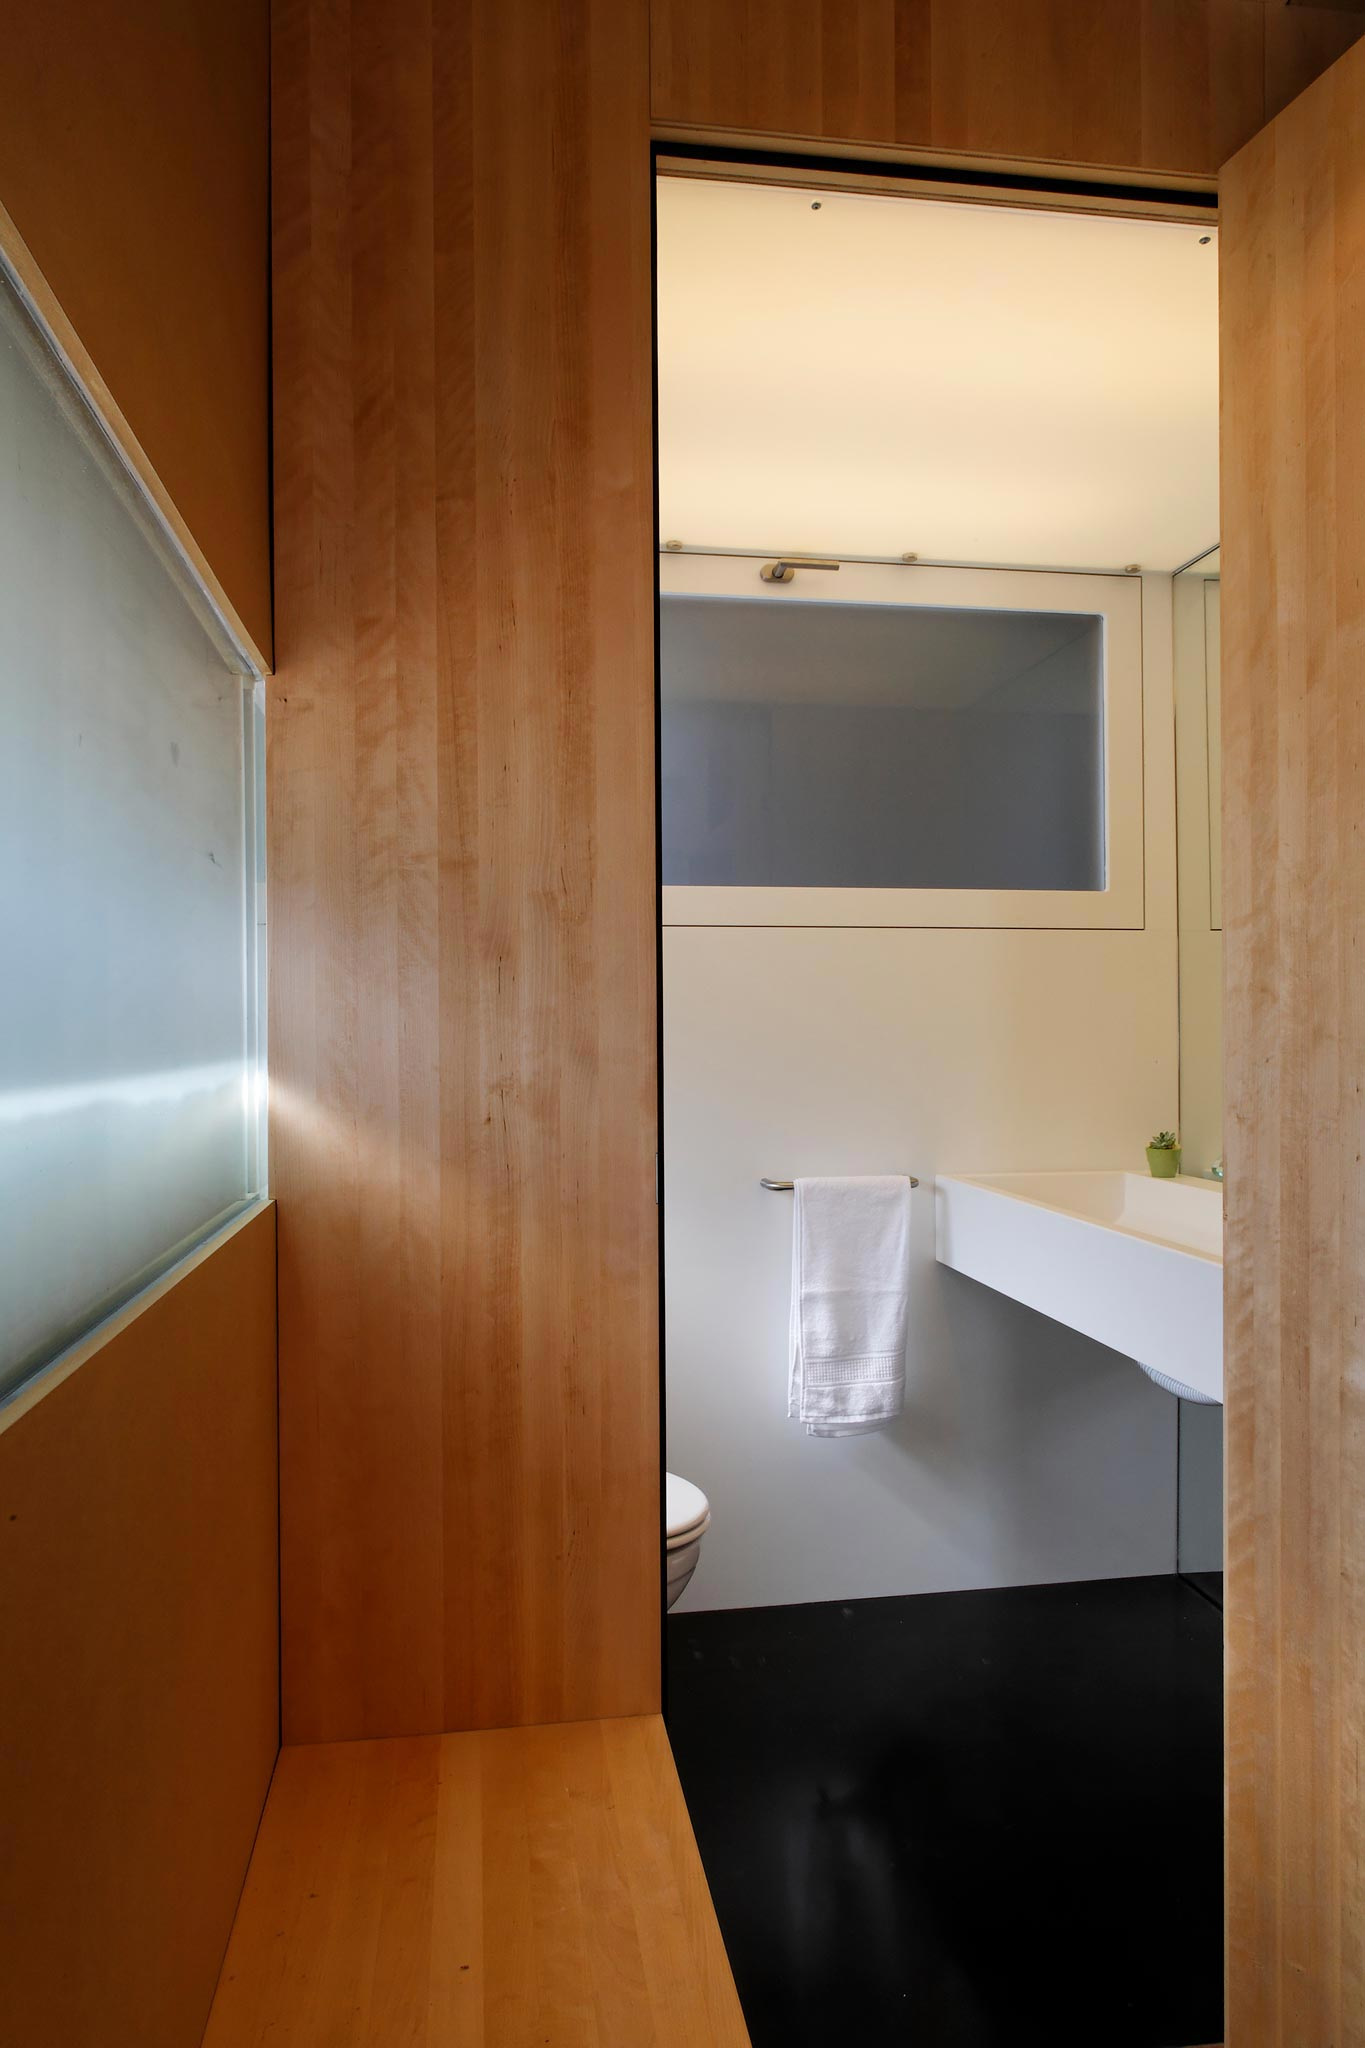 Es Gd Raccard 678 Wc vtc 20 05 002 - Les salles de bain du Grand Raccard